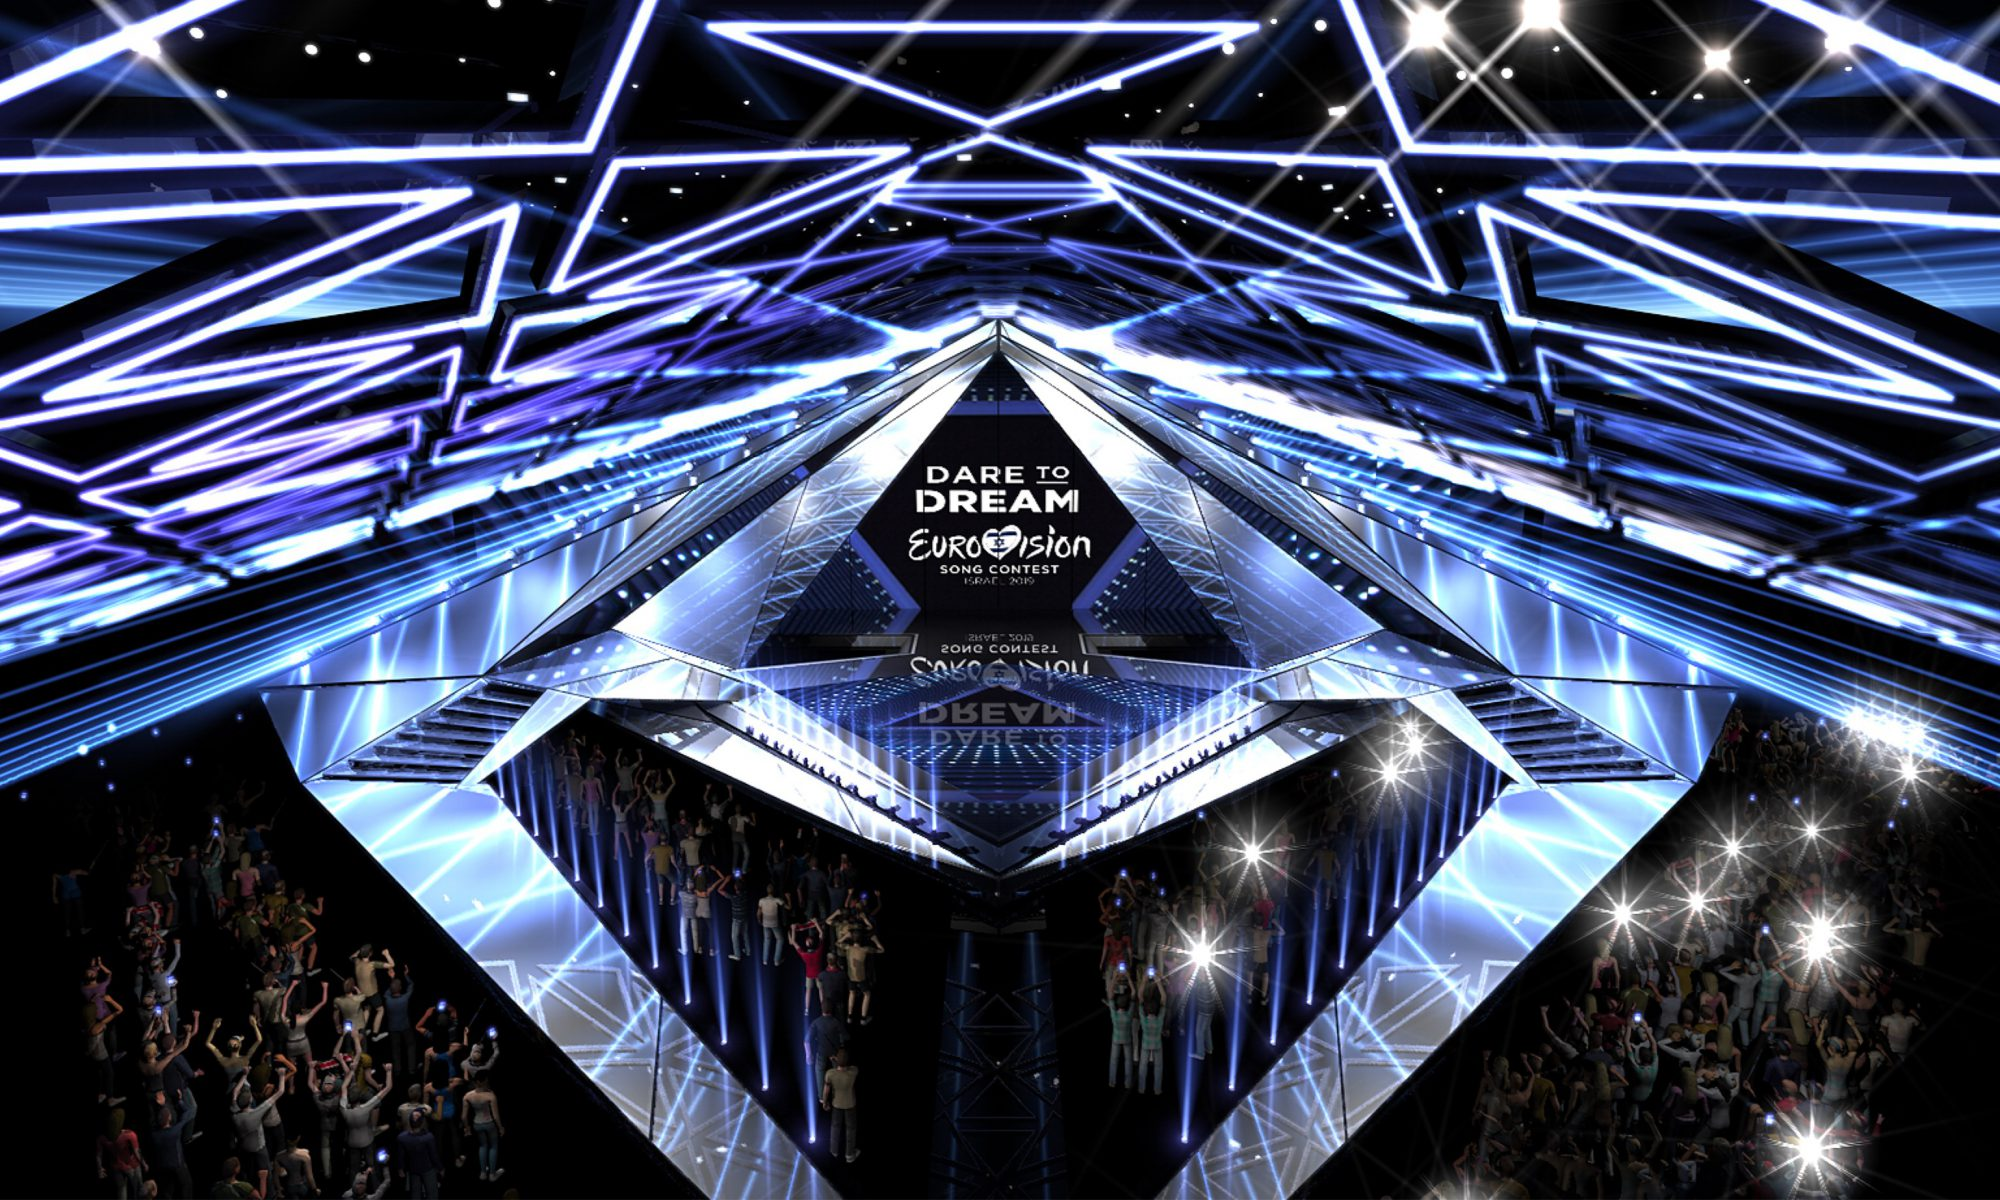 So soll der Expo-Pavillon aussehen